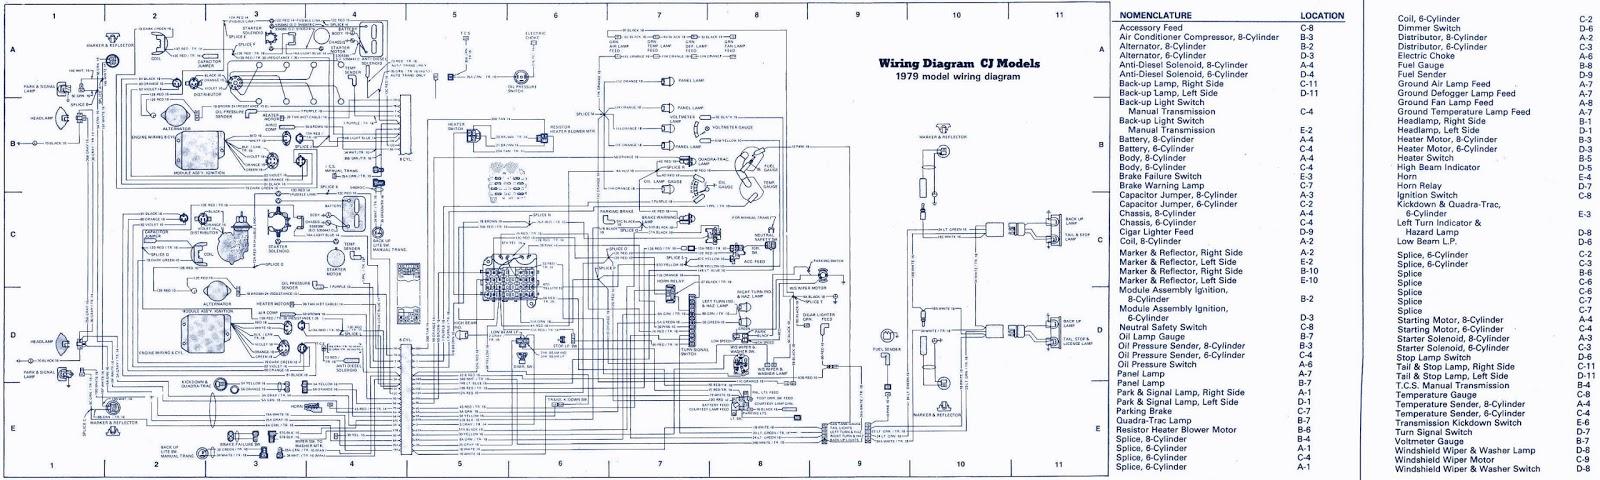 With Jeep Cj5 Dash Wiring Diagram On 1982 Jeep Cj5 Wiring Diagram